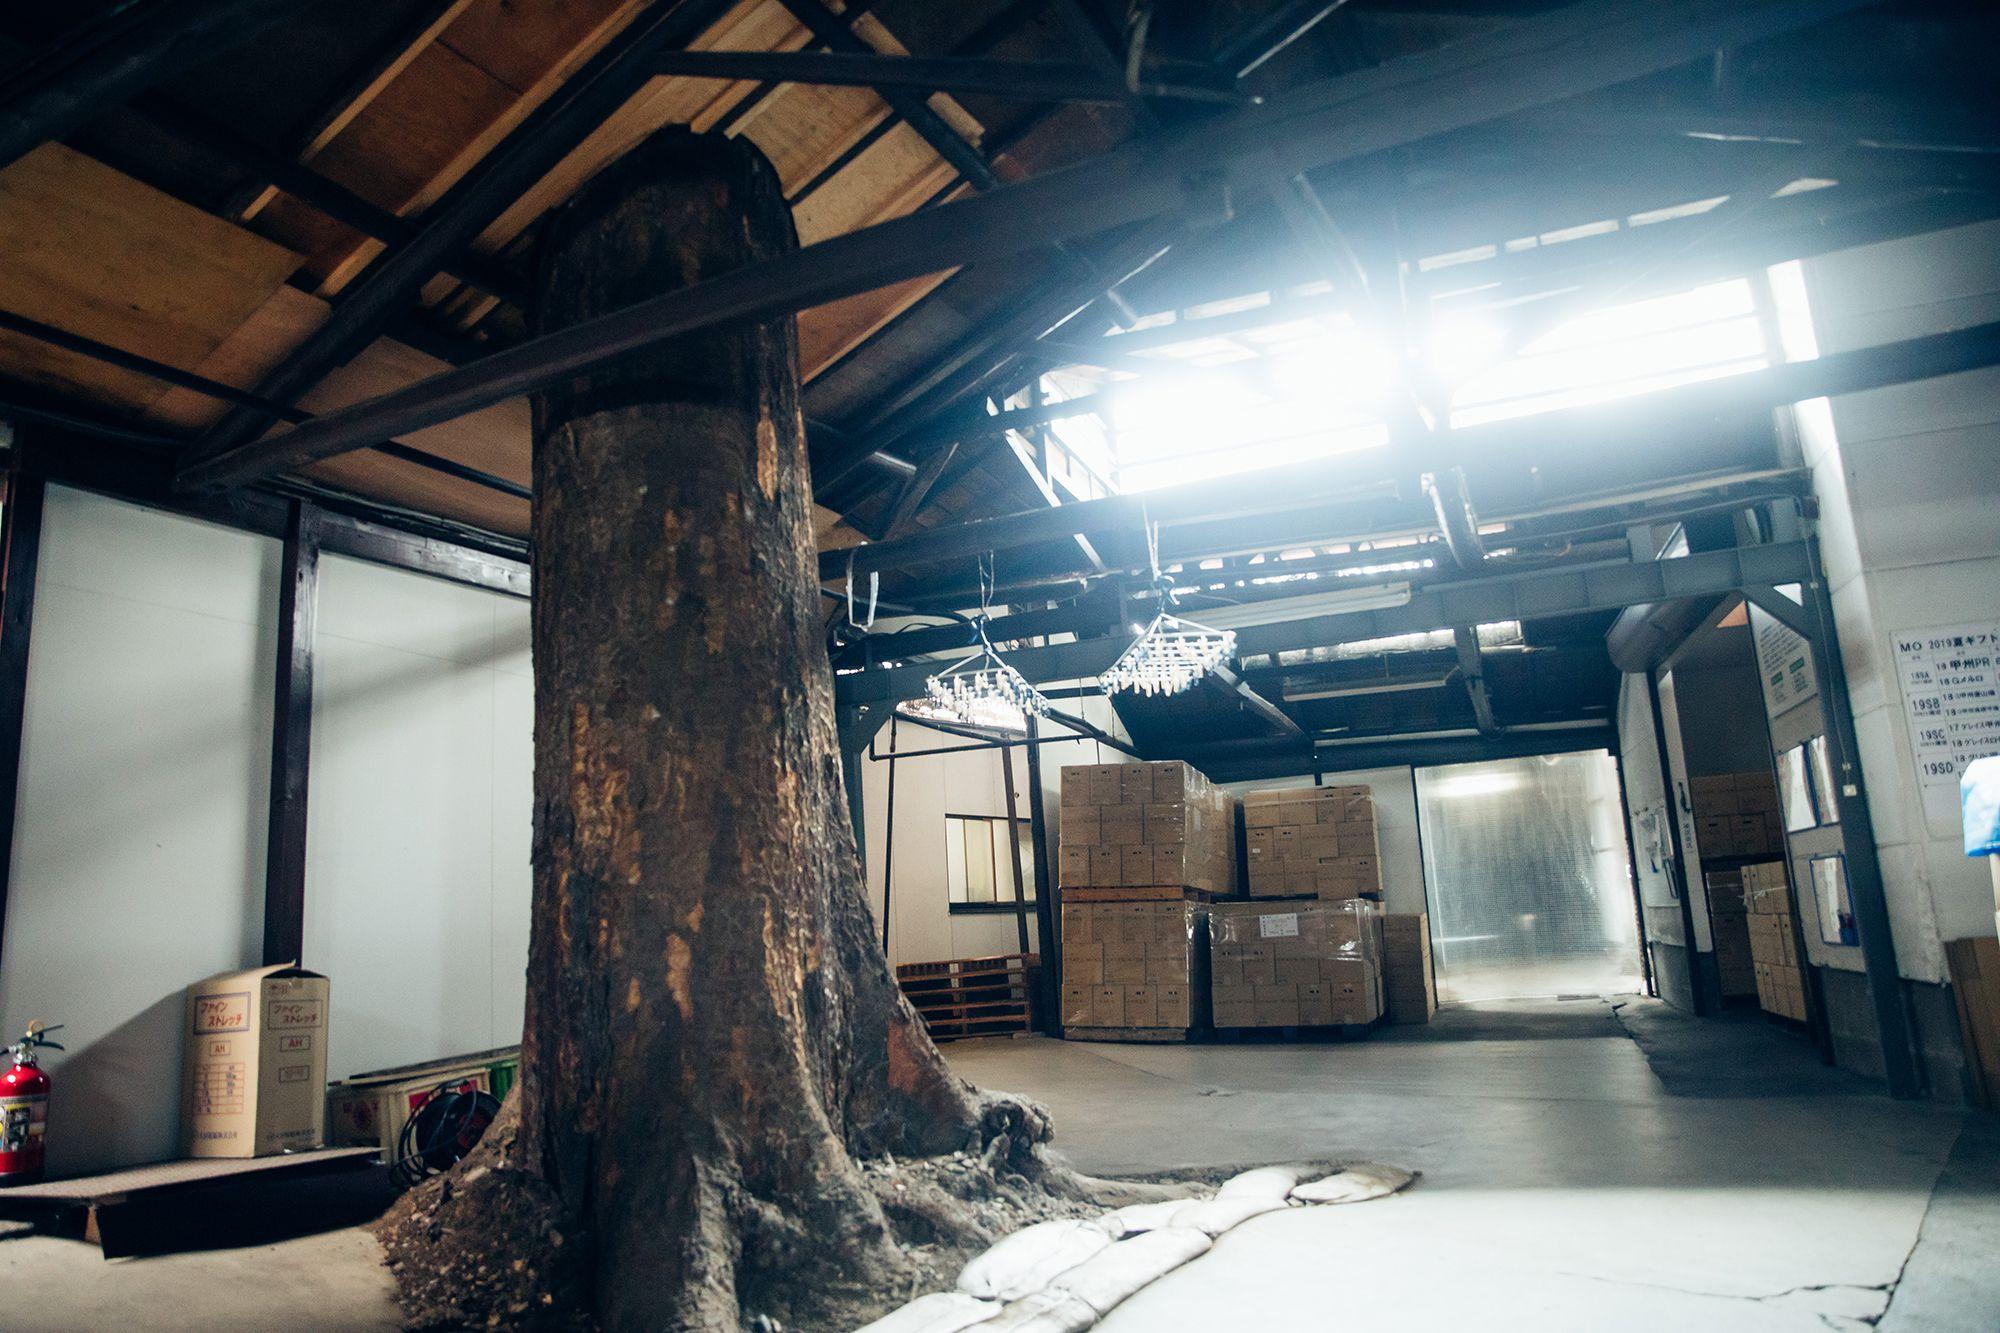 1923年の創業時から育ち続けるケヤキの木。醸造施設の拡張時、この守り神のようにそびえ立つ木を引き抜いてしまうのは忍び難く、屋根を貫通する形で残された。